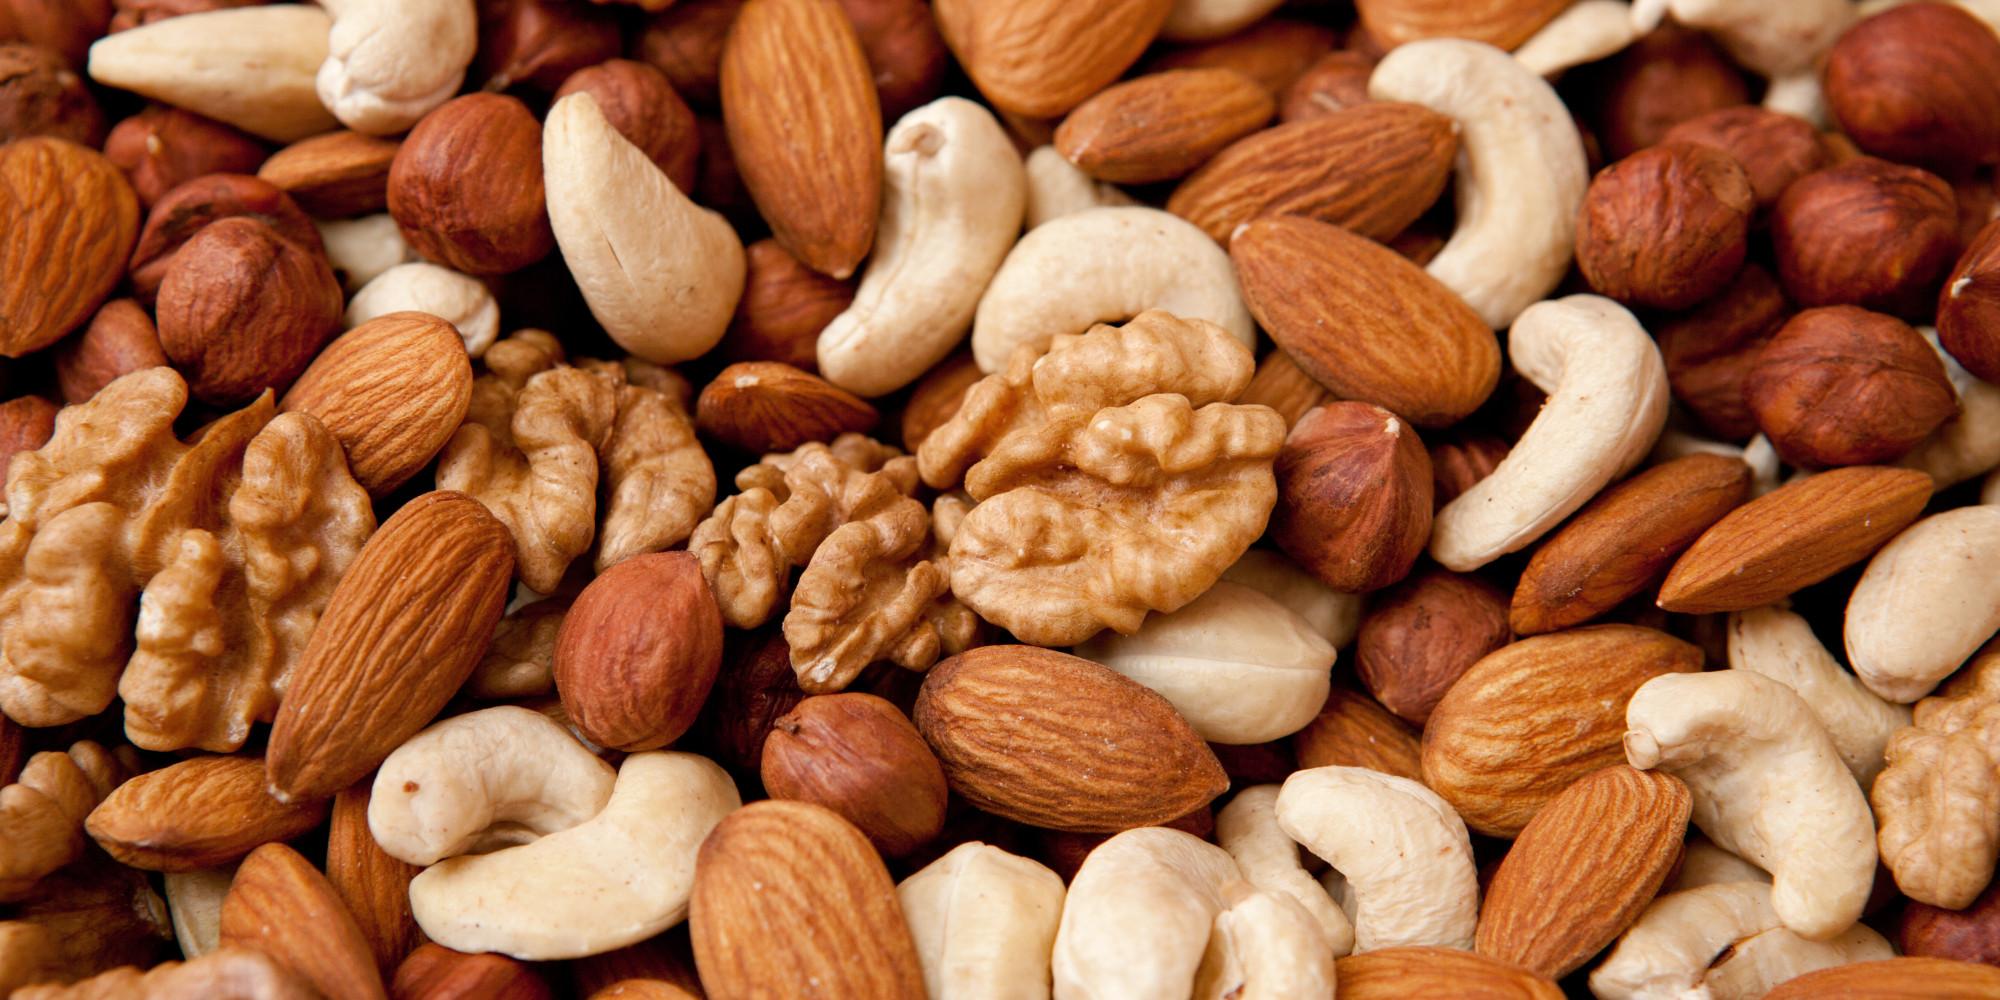 Walnuts and peanuts